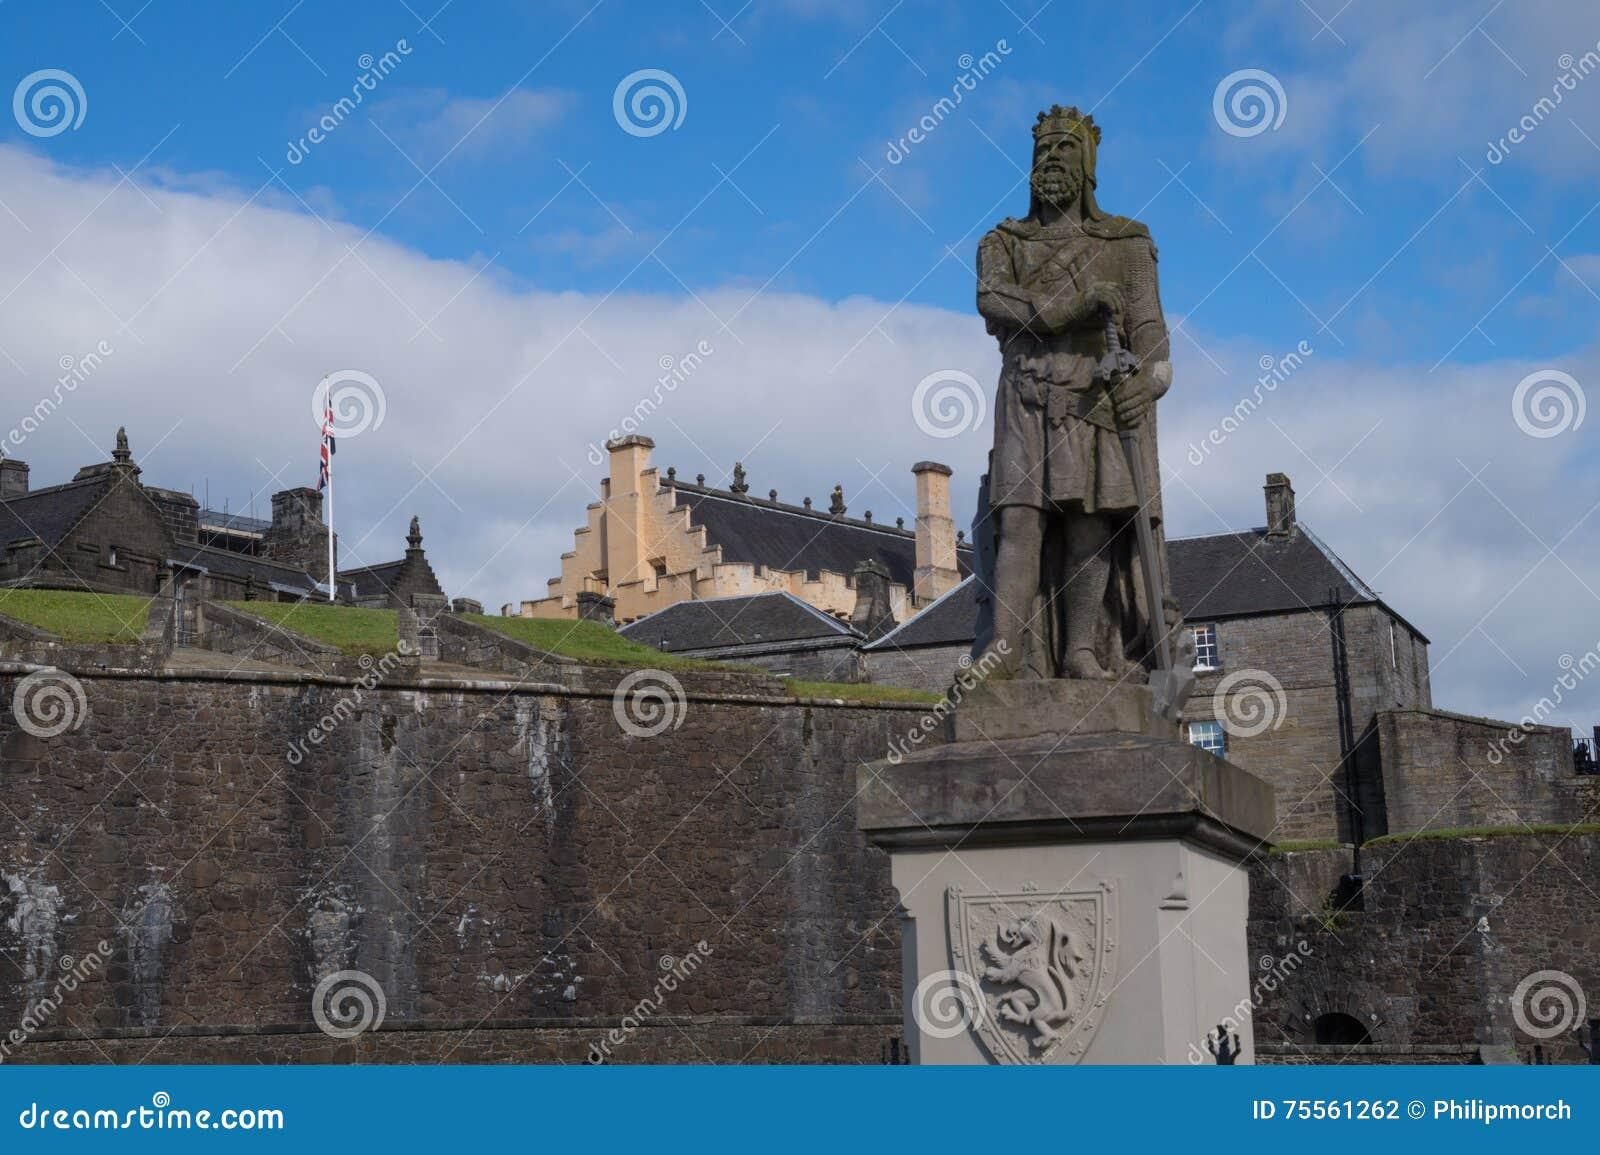 Statue de Robert le Bruce devant Stirling Castle, Ecosse